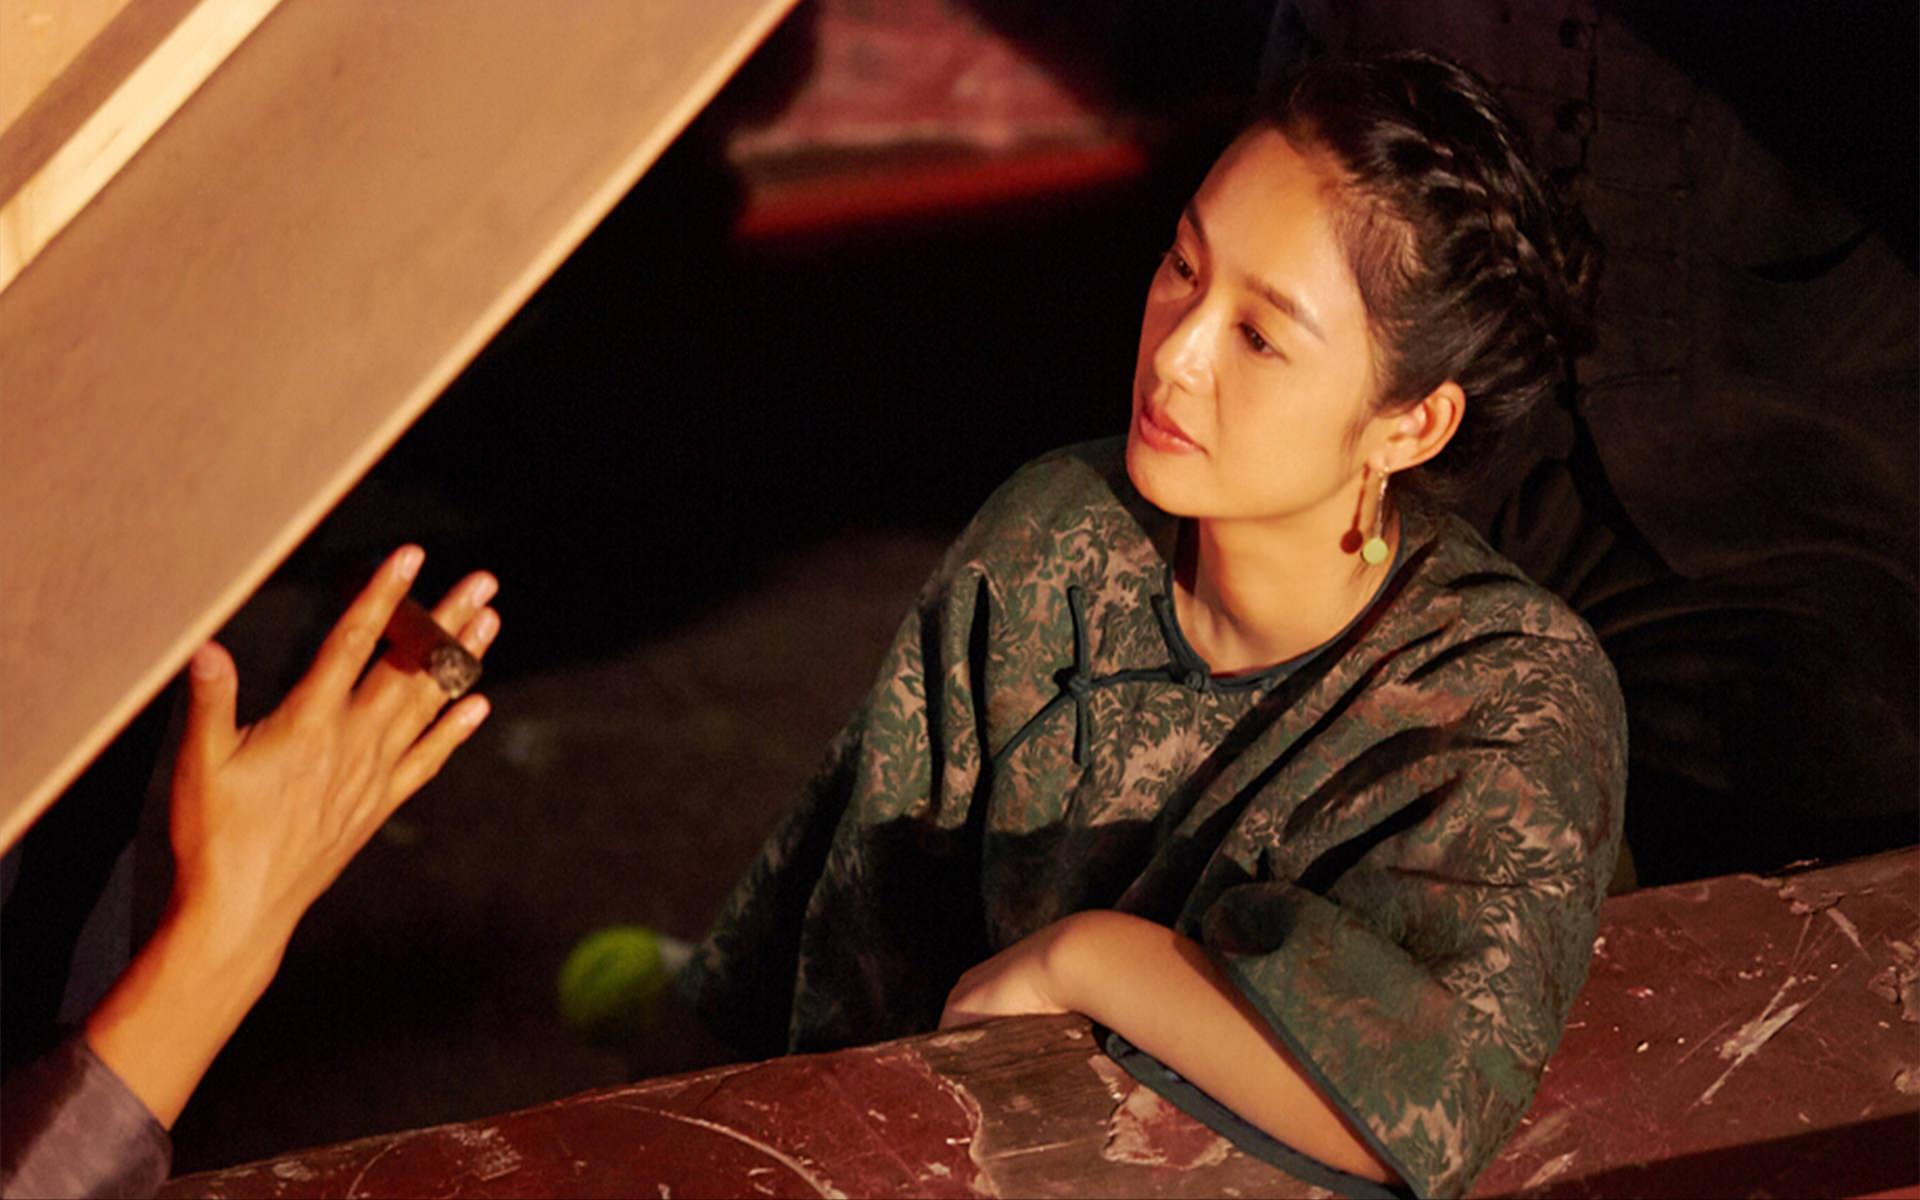 邪不壓正:姜文不瘋魔不成活,許晴刷新民國三部曲的女性面貌┃影評